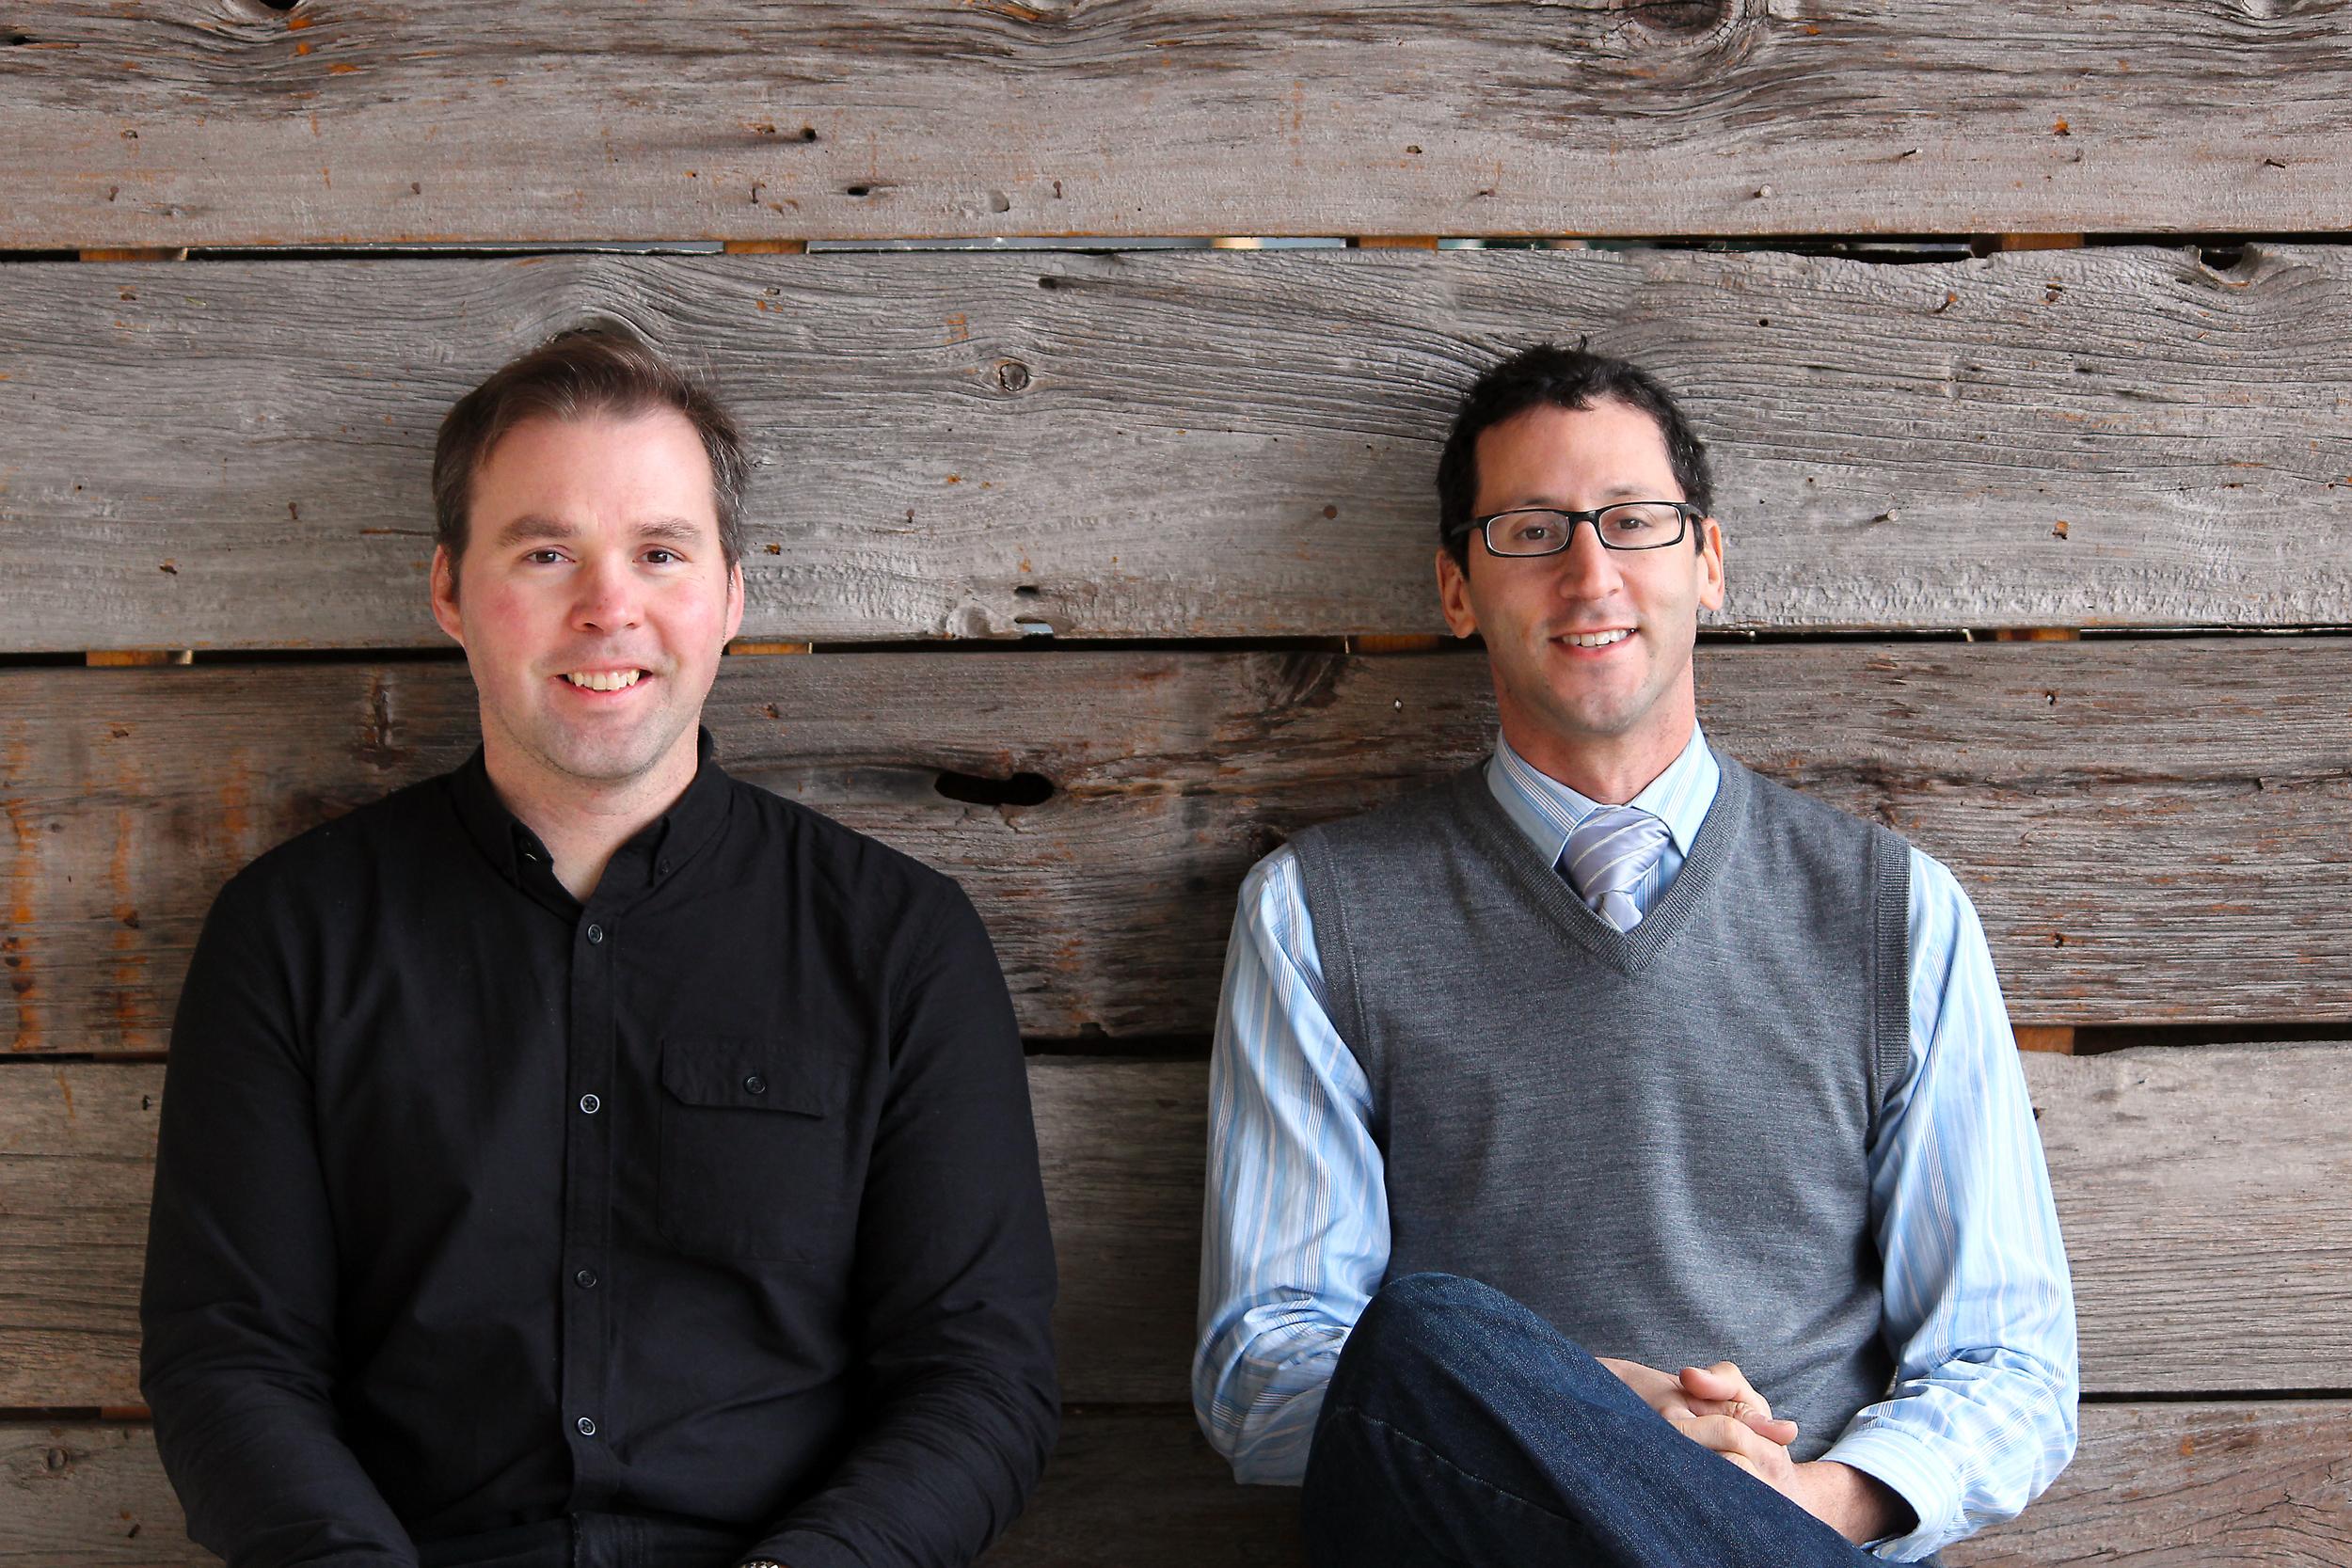 Alex Bartlett, O.A.L.A. (Left) and Robert Boltman, O.A.L.A. (Right)